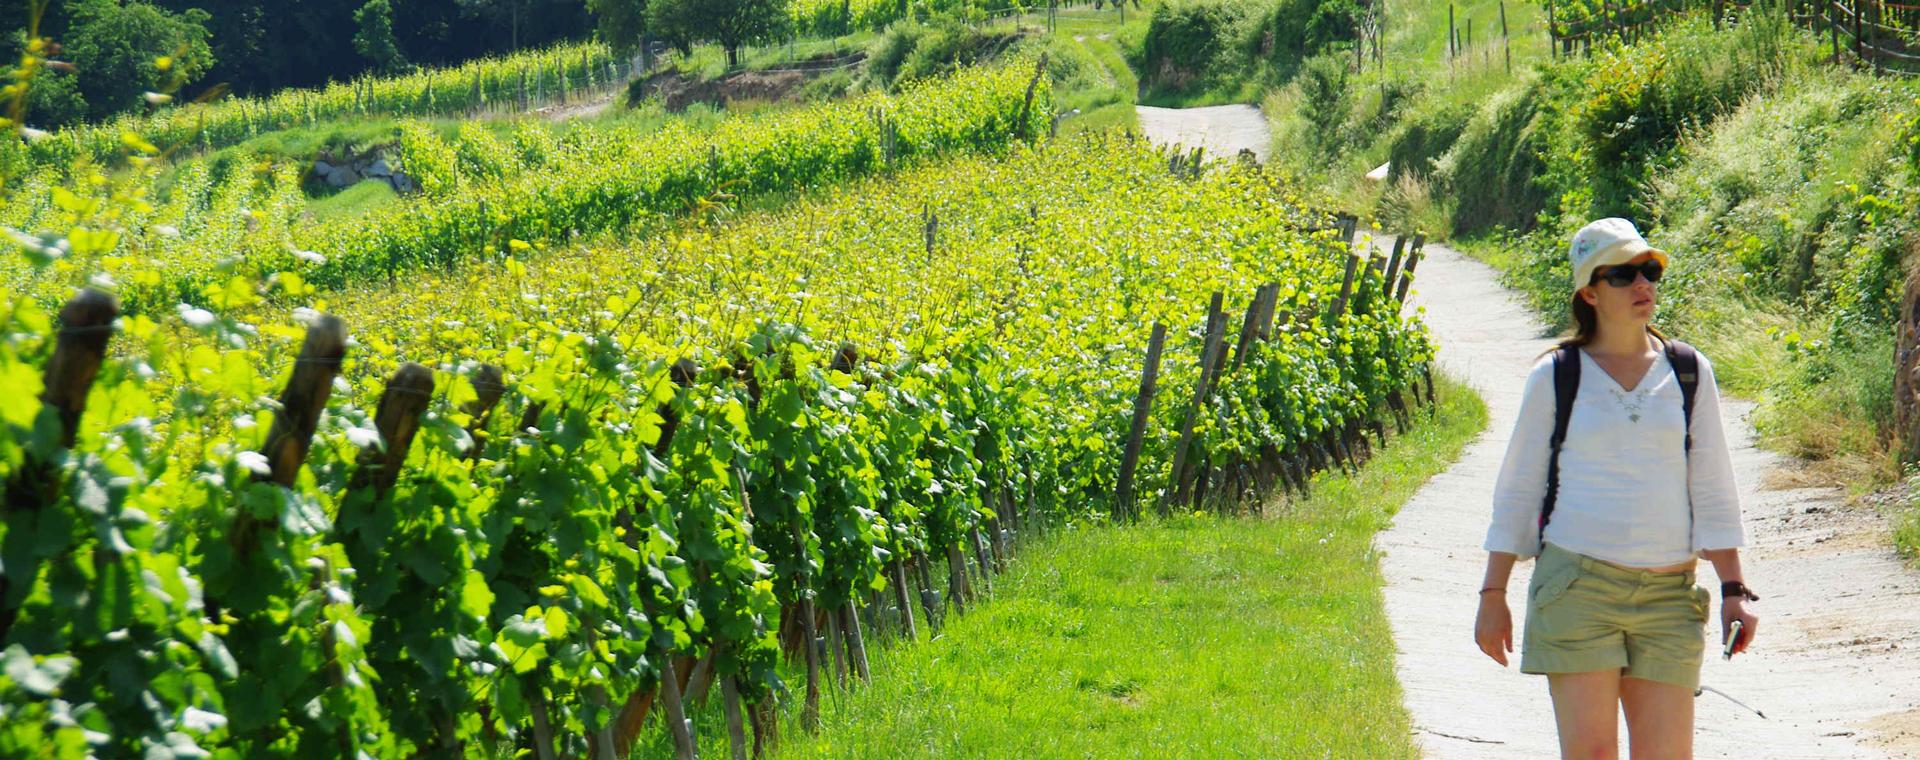 Image Ballons et Vignobles d'Alsace